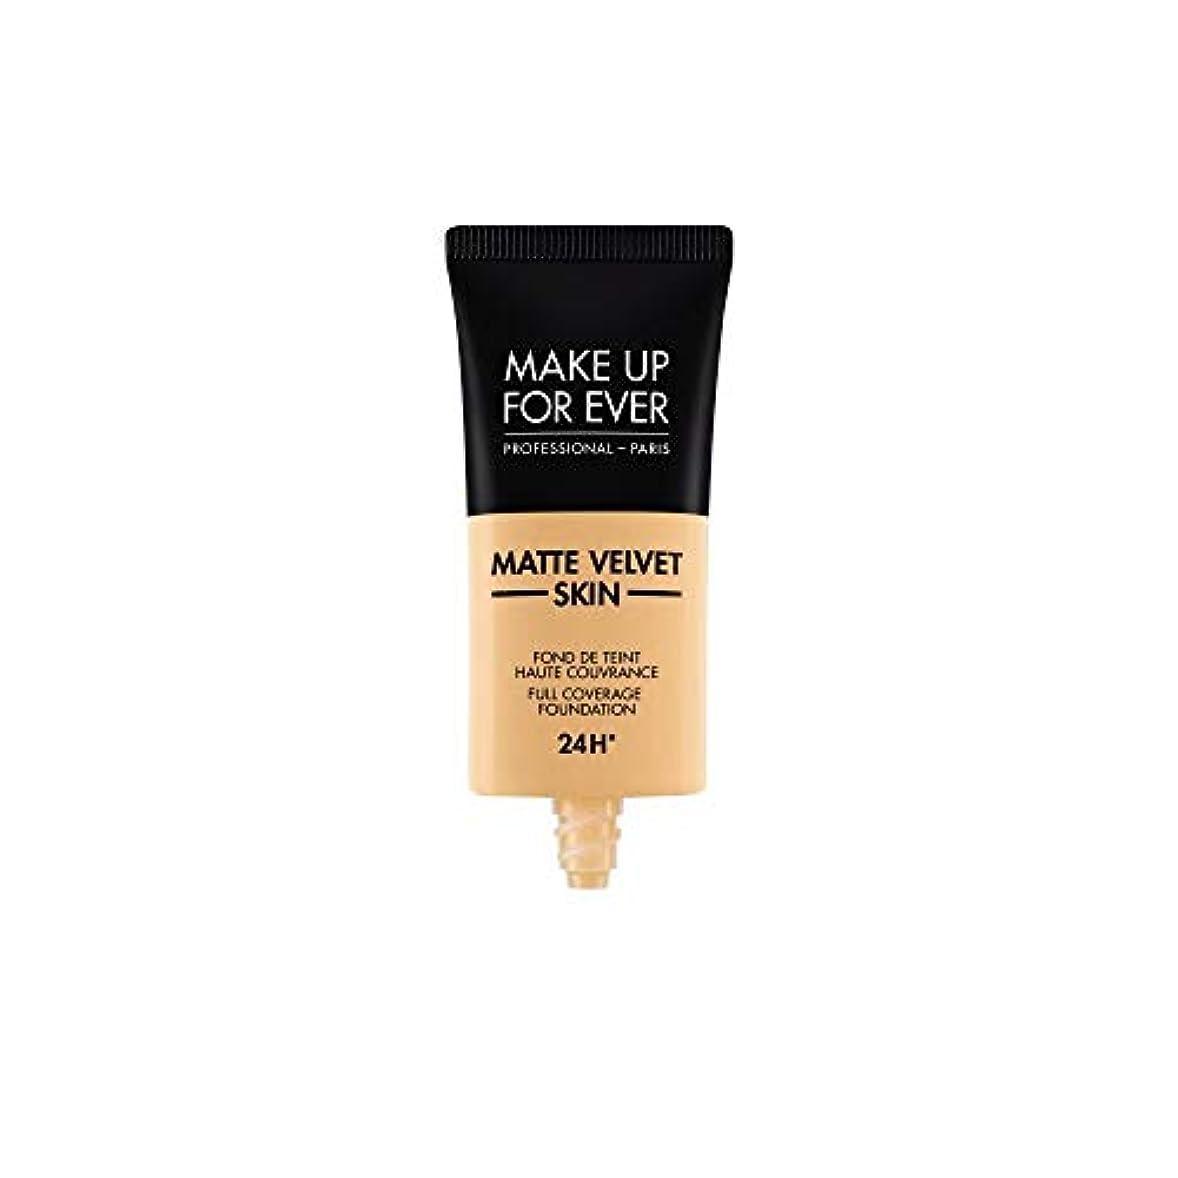 混乱させる疫病ピューメイクアップフォーエバー Matte Velvet Skin Full Coverage Foundation - # Y245 (Soft Sand) 30ml/1oz並行輸入品